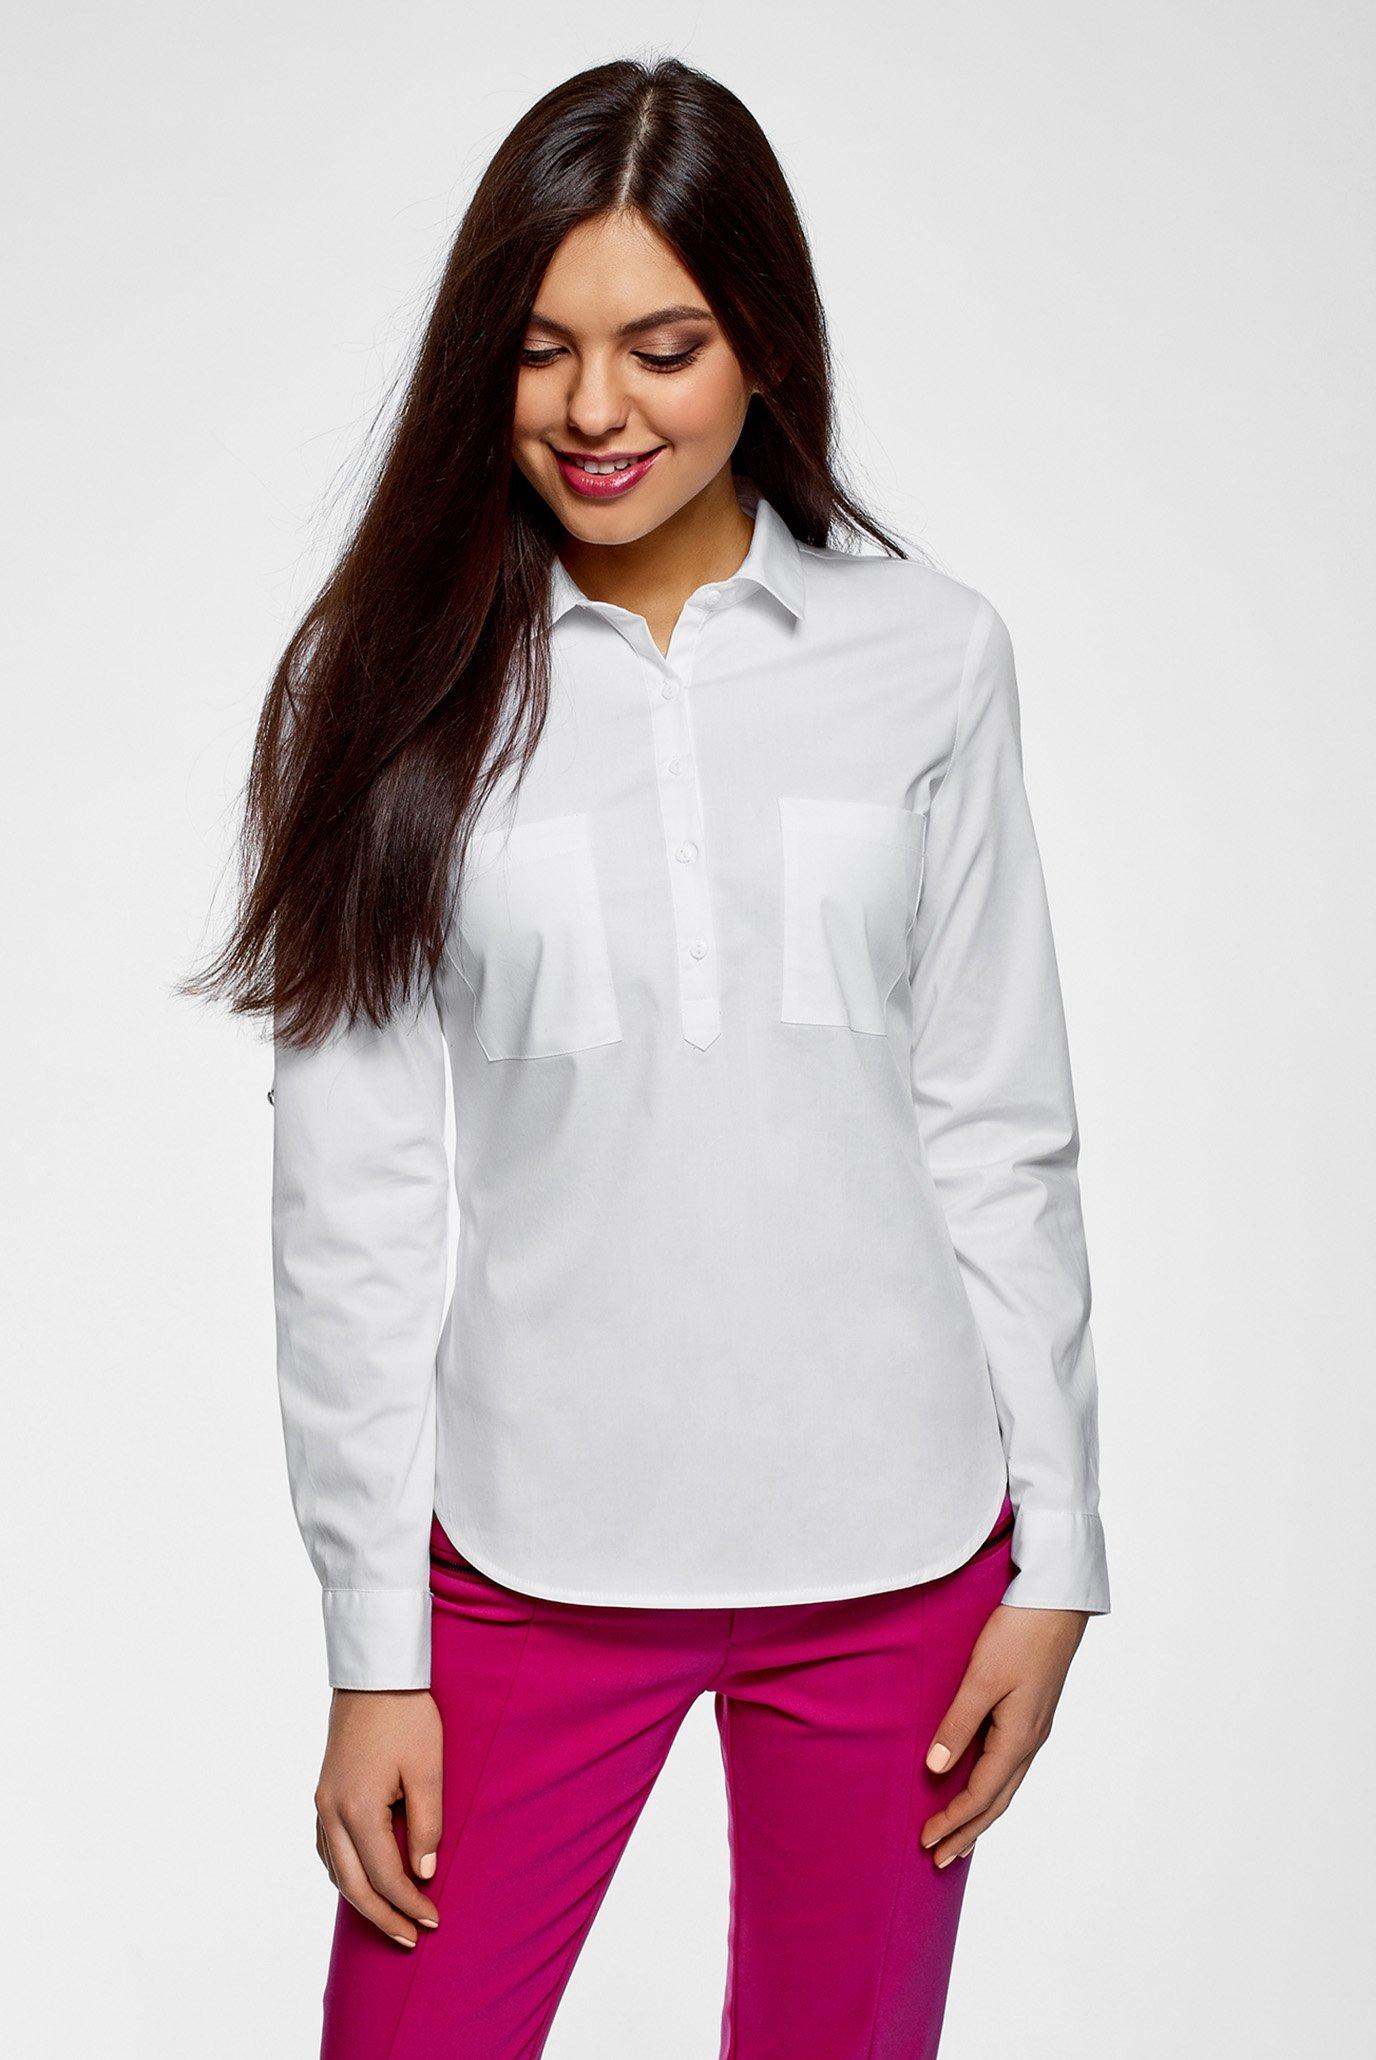 24fcb200aa108d2 Купить Женская белая рубашка Oodji Oodji 13K03002-1B/42468/1000N – Киев,  Украина. Цены в интернет магазине ...